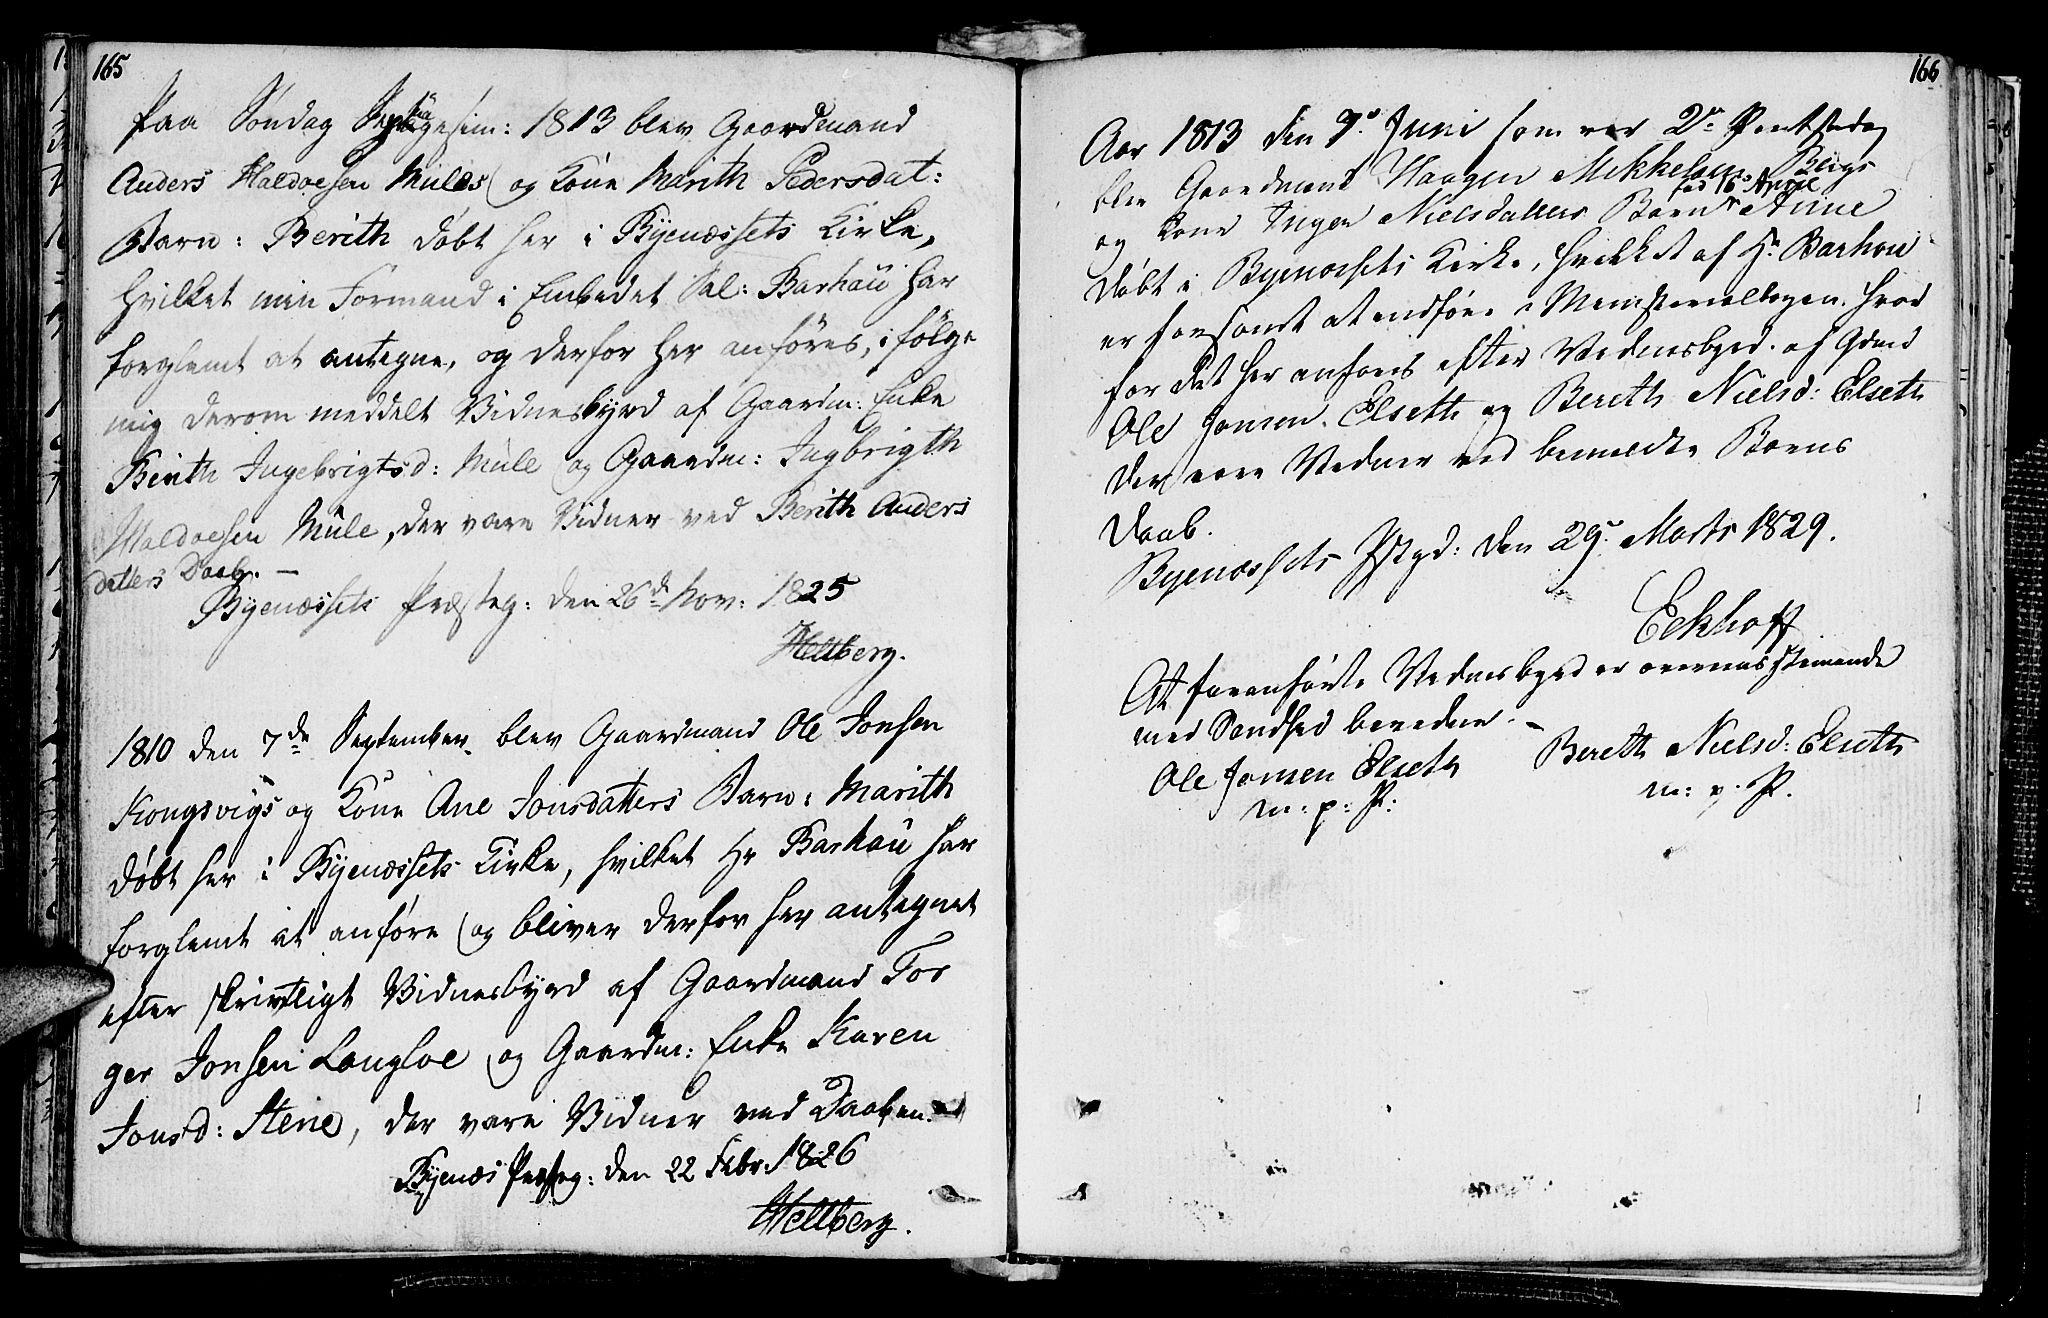 SAT, Ministerialprotokoller, klokkerbøker og fødselsregistre - Sør-Trøndelag, 612/L0371: Ministerialbok nr. 612A05, 1803-1816, s. 165-166